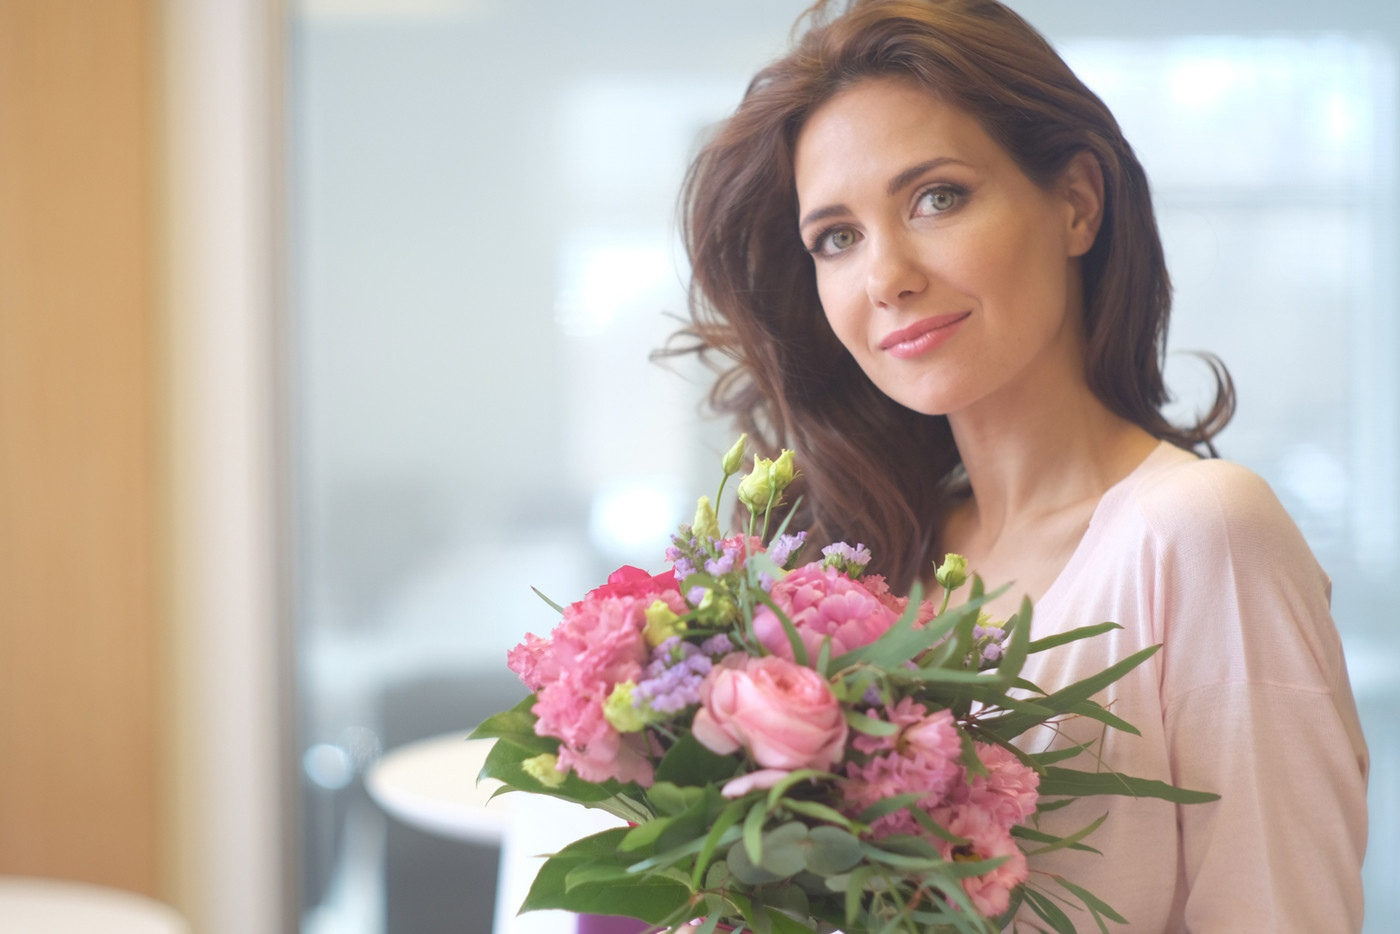 Сегодня день рождения отмечает Климова Екатерина Александровна.